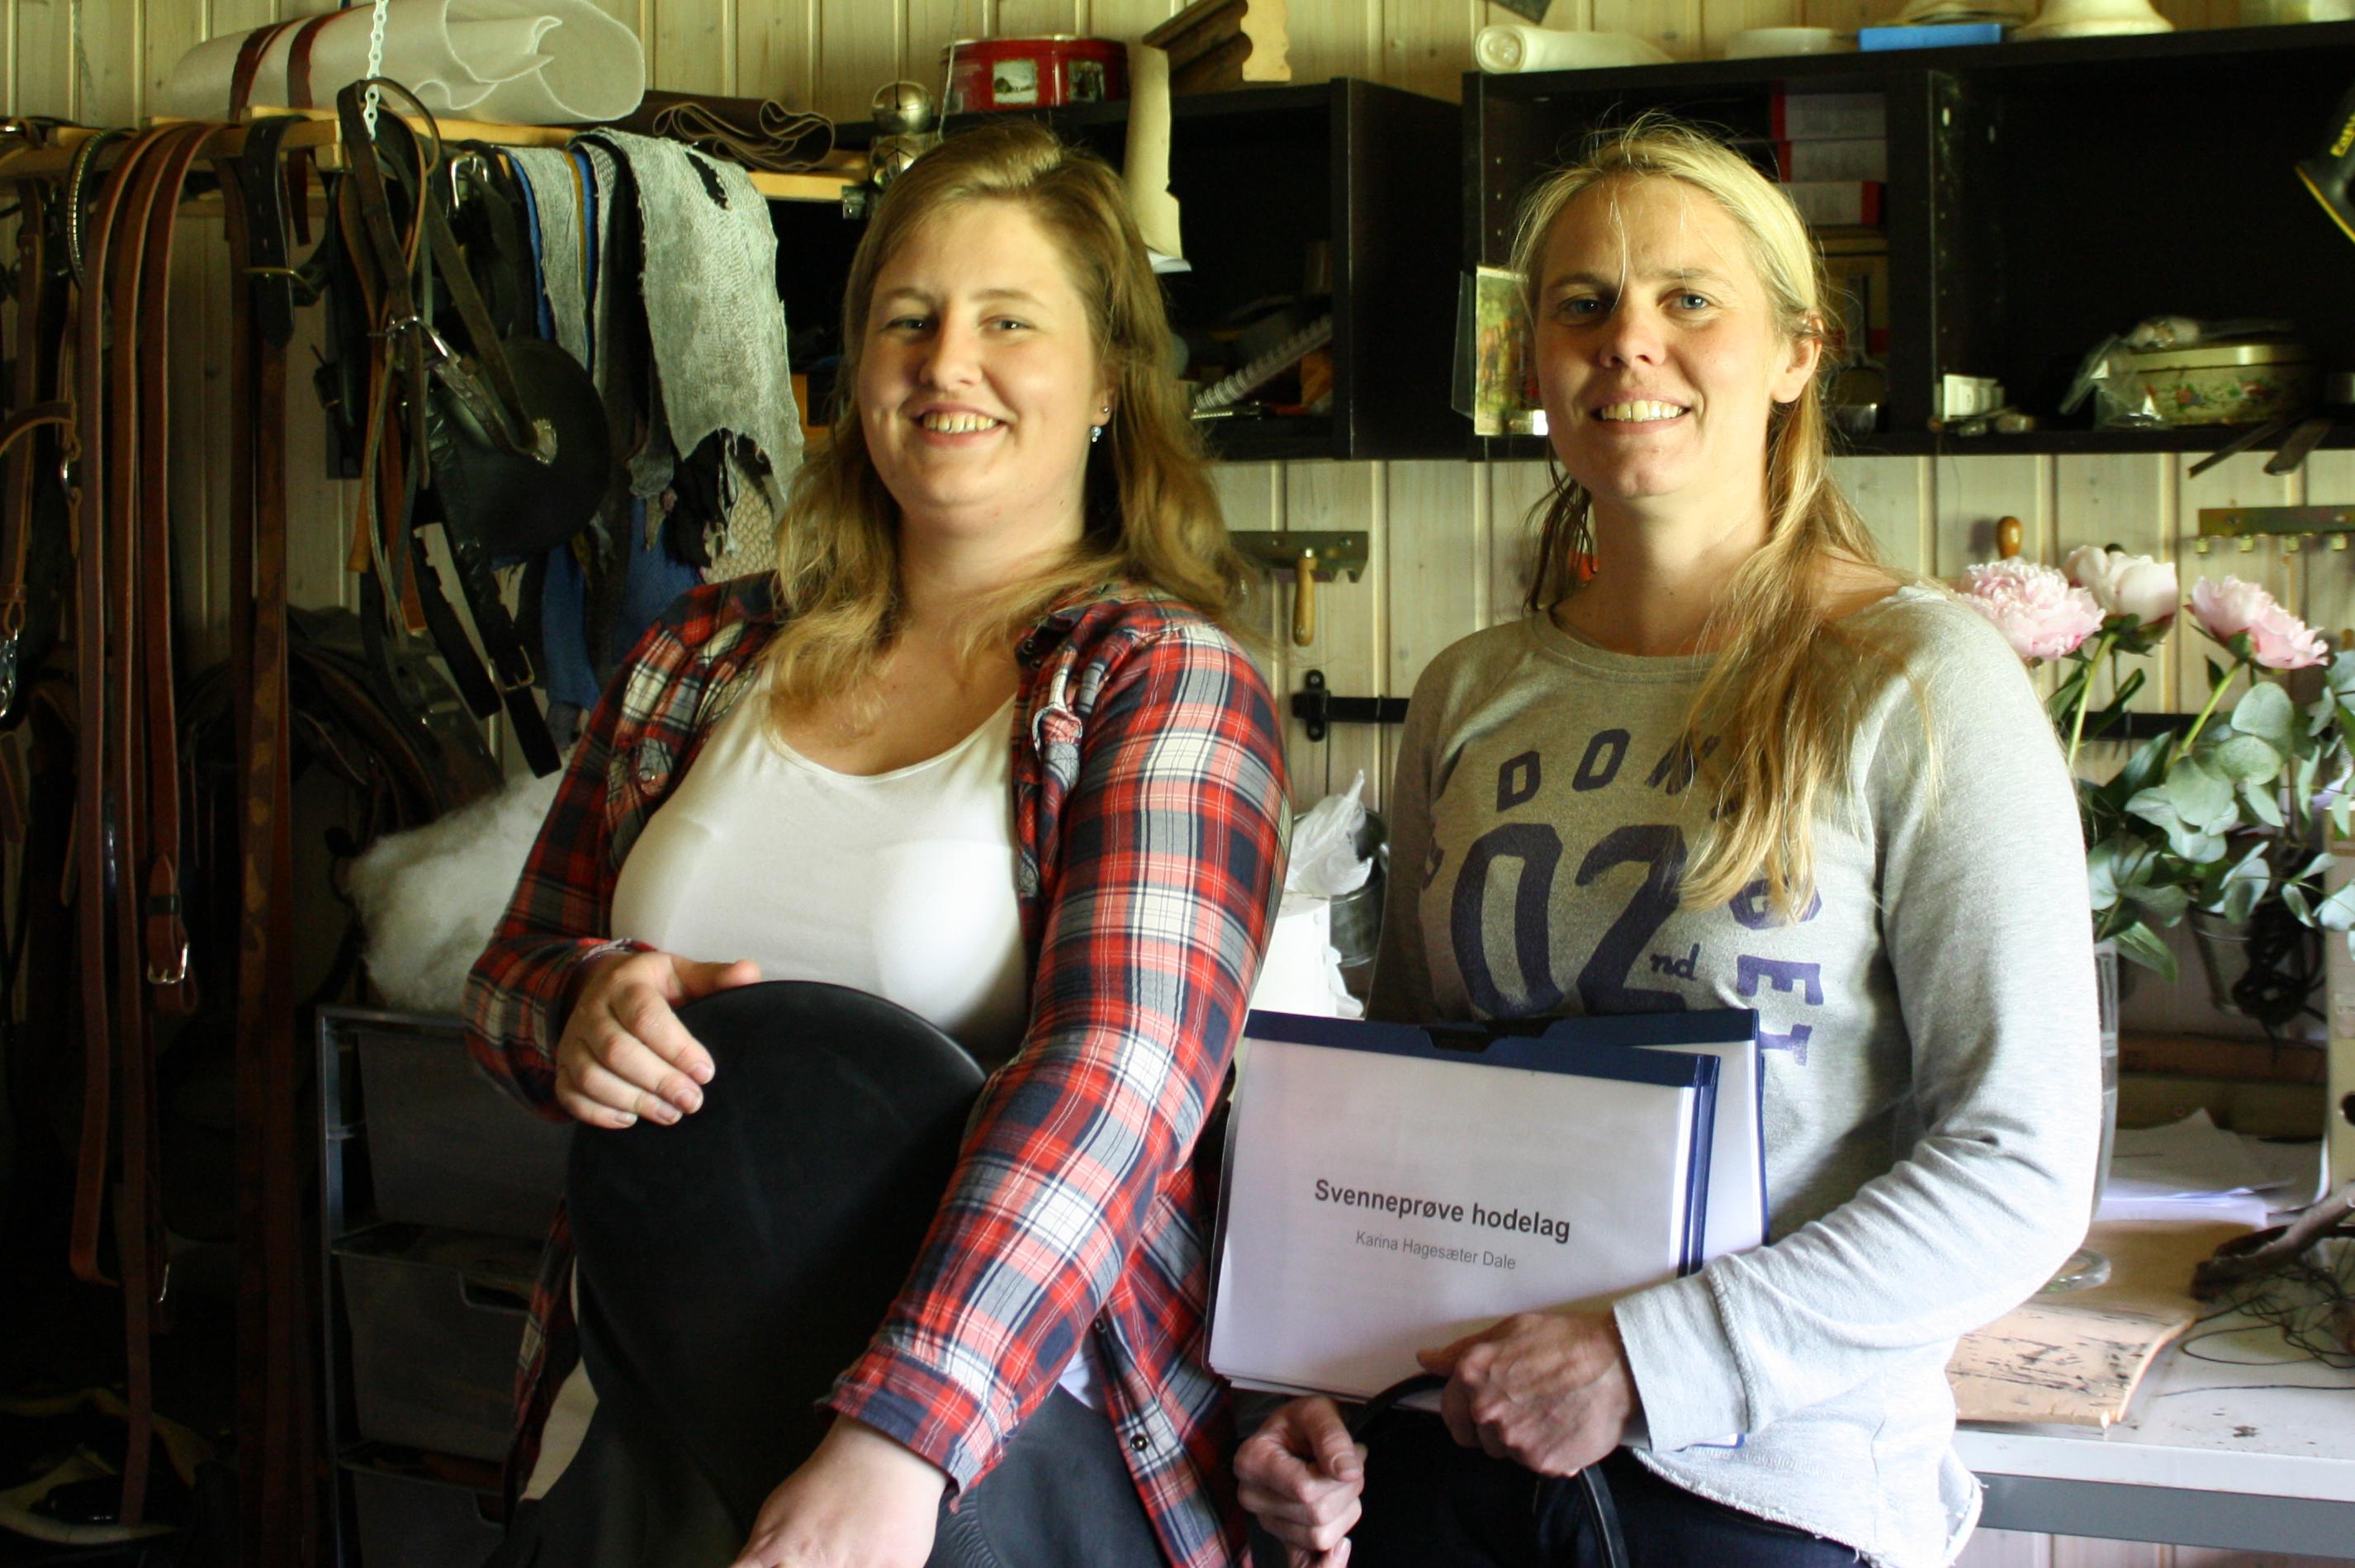 Karina gratuleres med svennebrev etter endt opplæring hos salmaker Jeanette Øyan